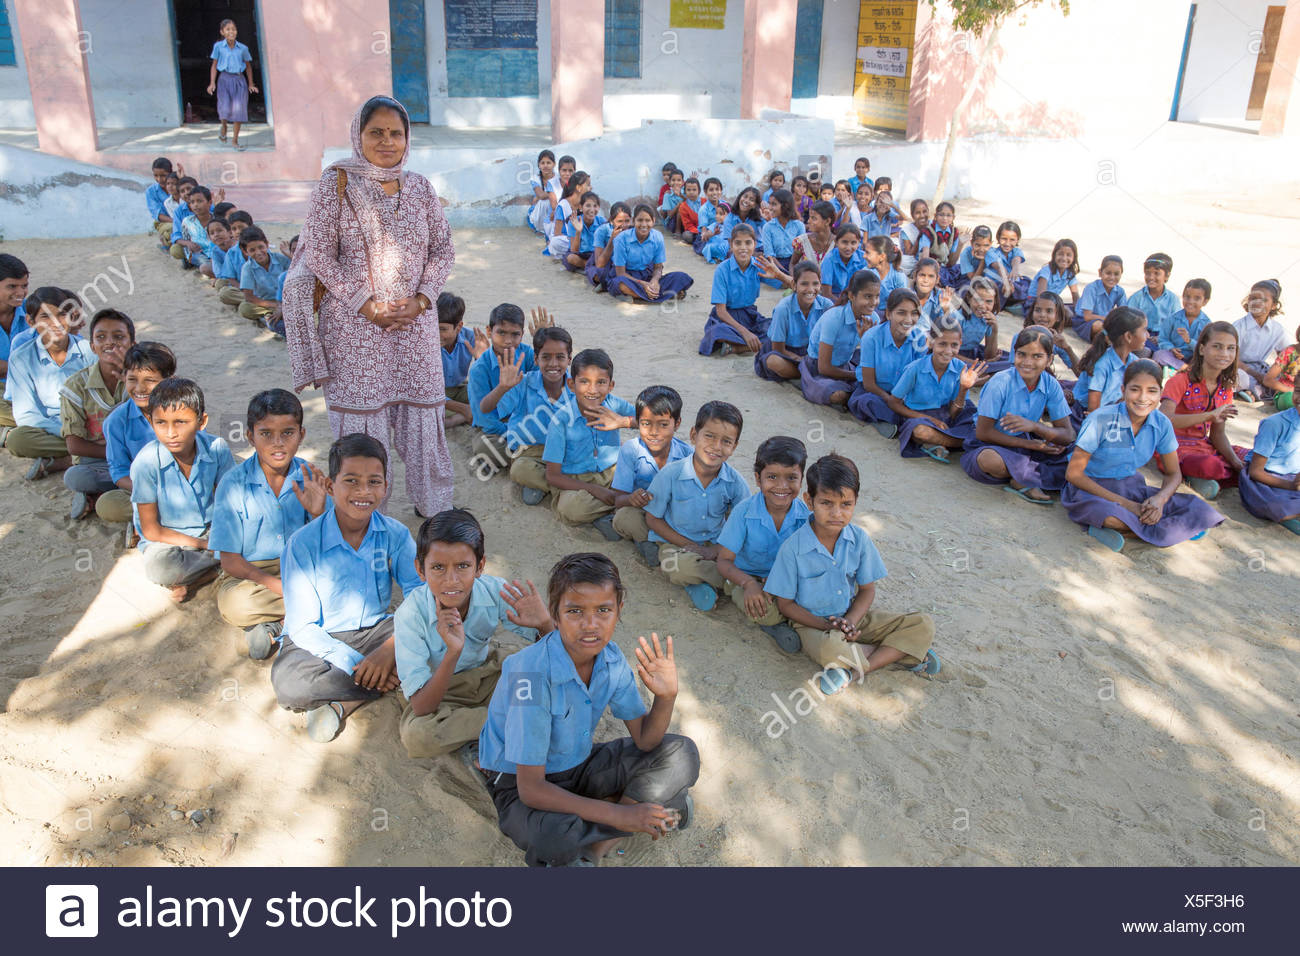 Indisch, Schule, Asien, Indien, Kinder, sitzen, Rajasthan, Stockbild